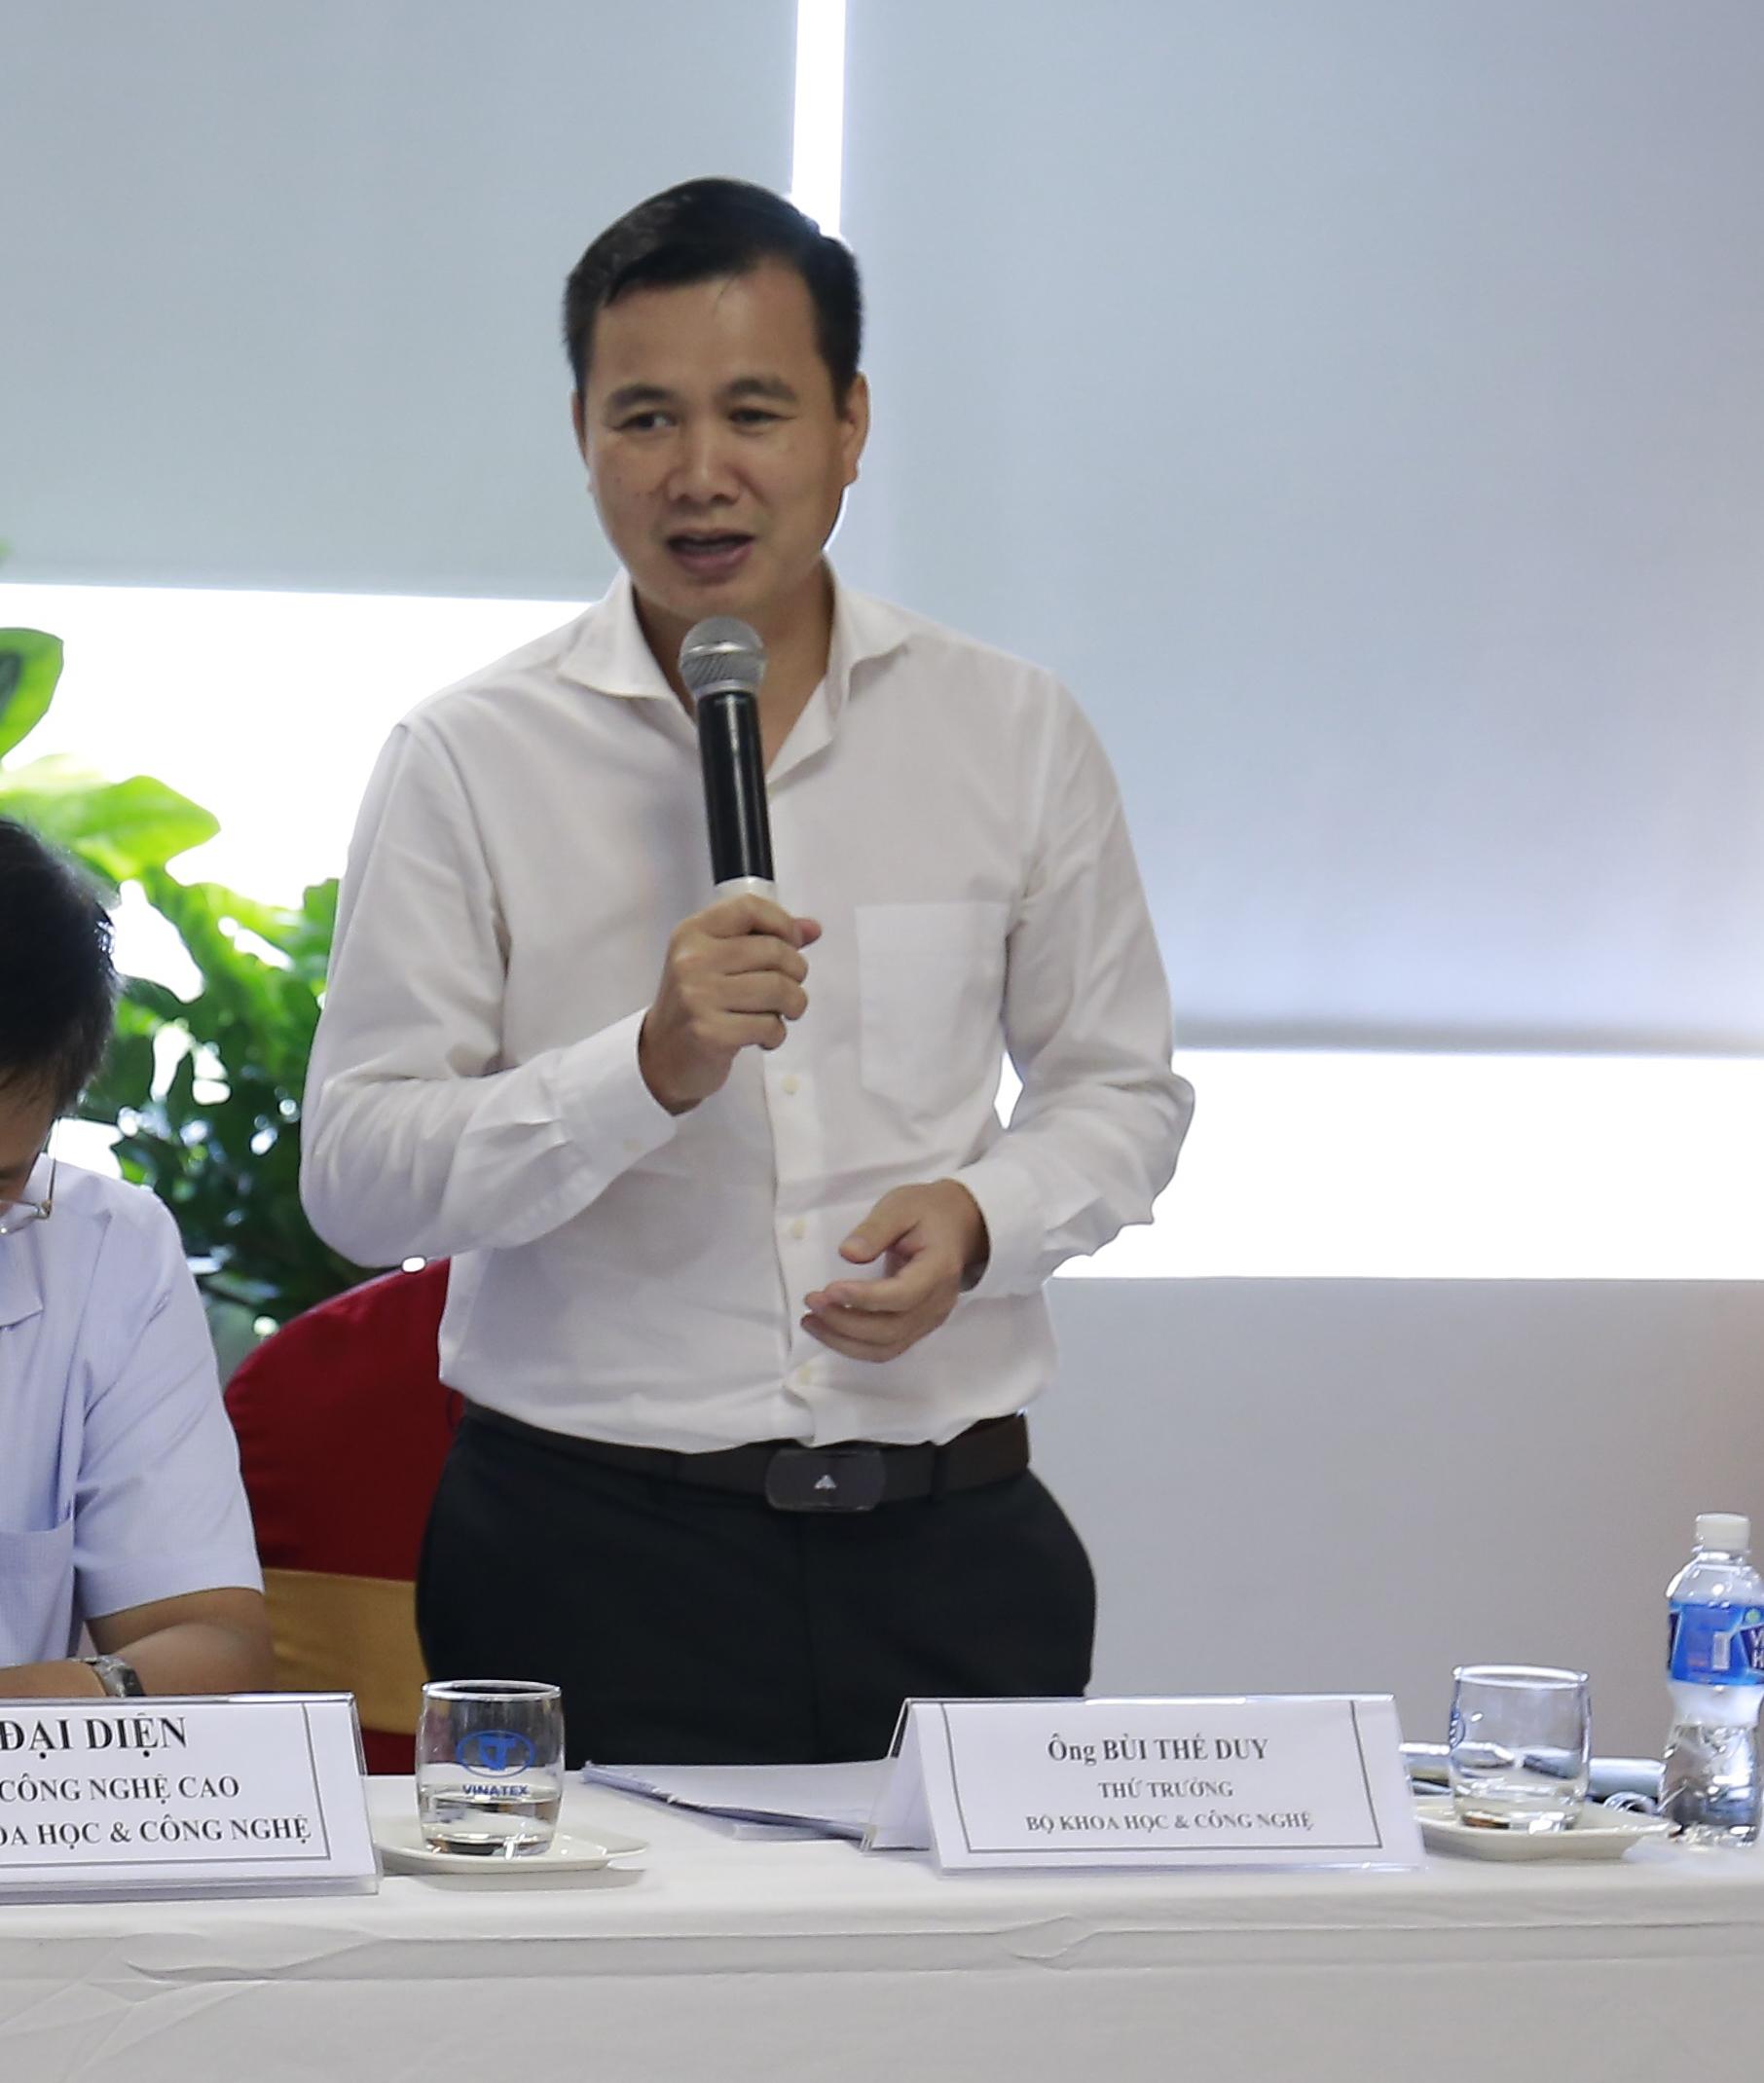 Thứ trưởng Bộ KH&CN Bùi Thế Duy đánh giá đề tài được thực hiện một cách nghiêm túc và đem lại những vấn đề hết sức sát sườn với ngành dệt may.